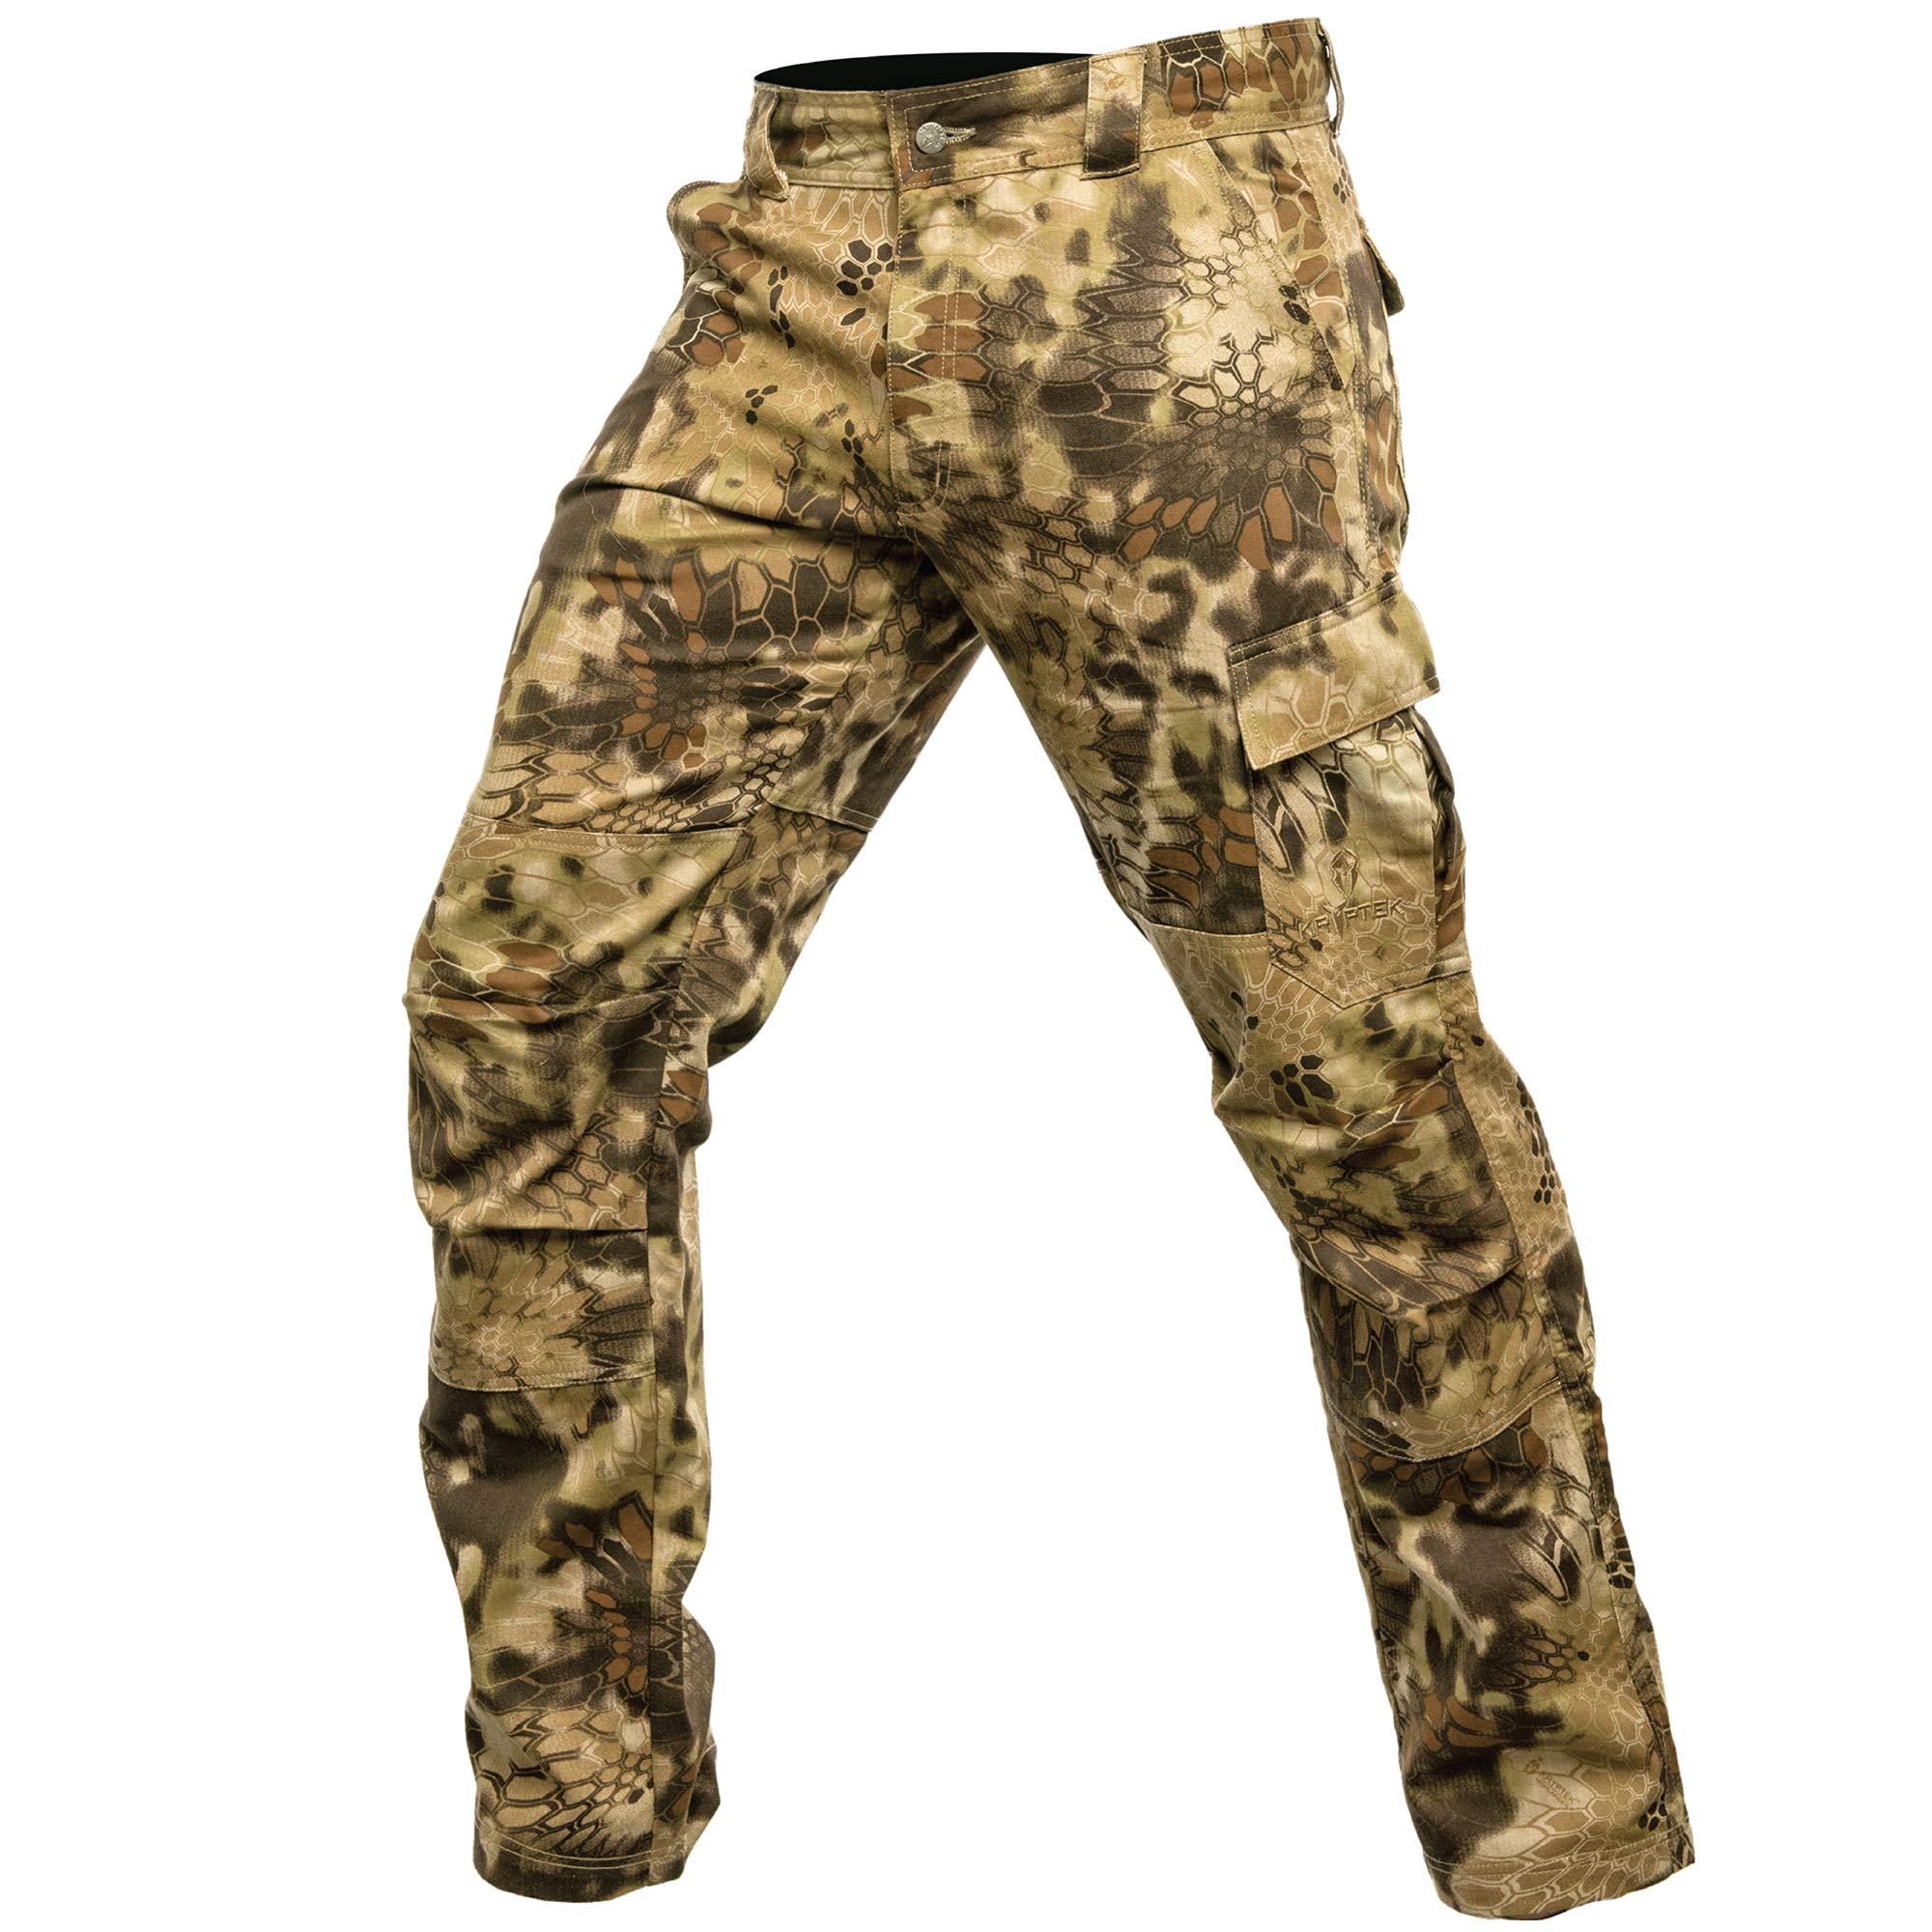 Kryptek Stalker Camo Hunting Pant (Stalker Collection), Highlander, XL by Kryptek